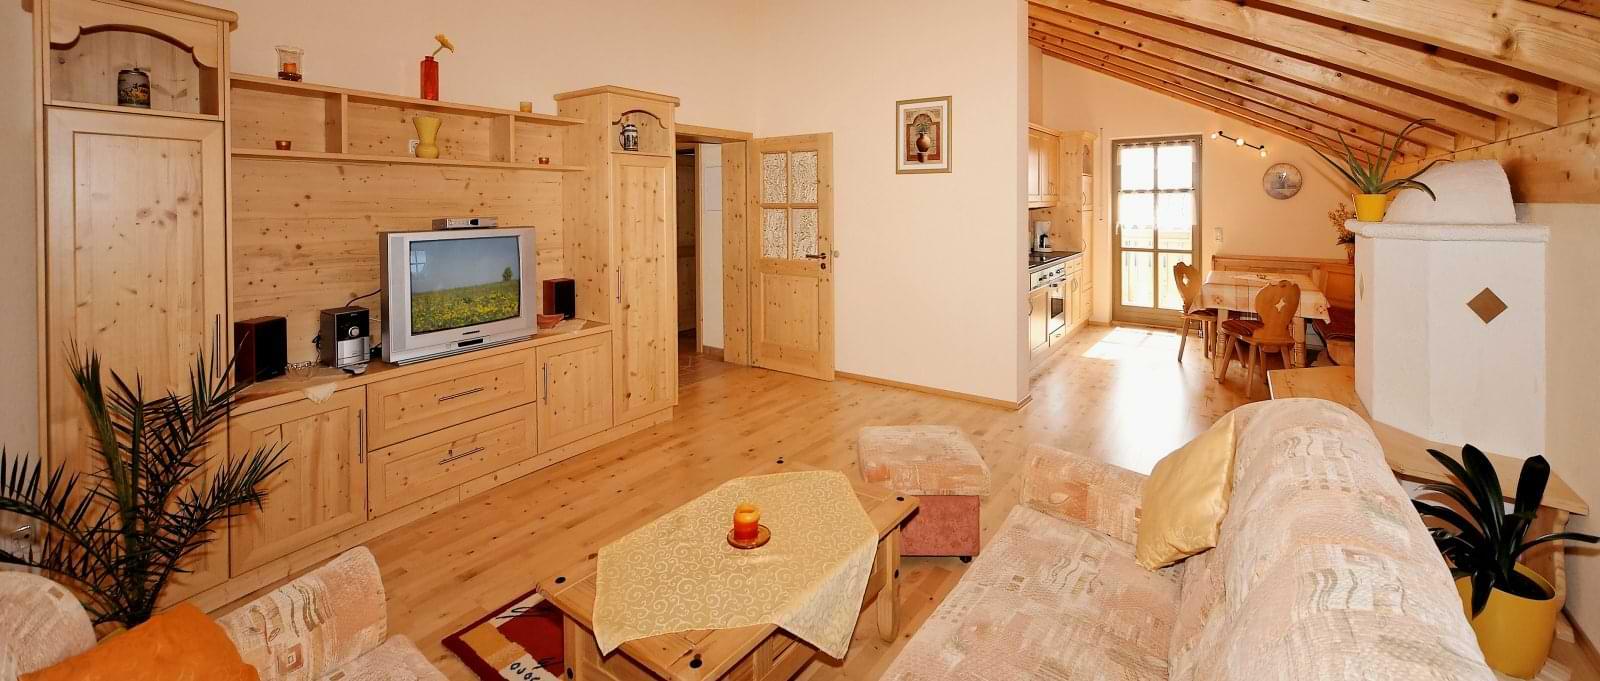 Exklusives Ferienhaus im Bayerischen Wald